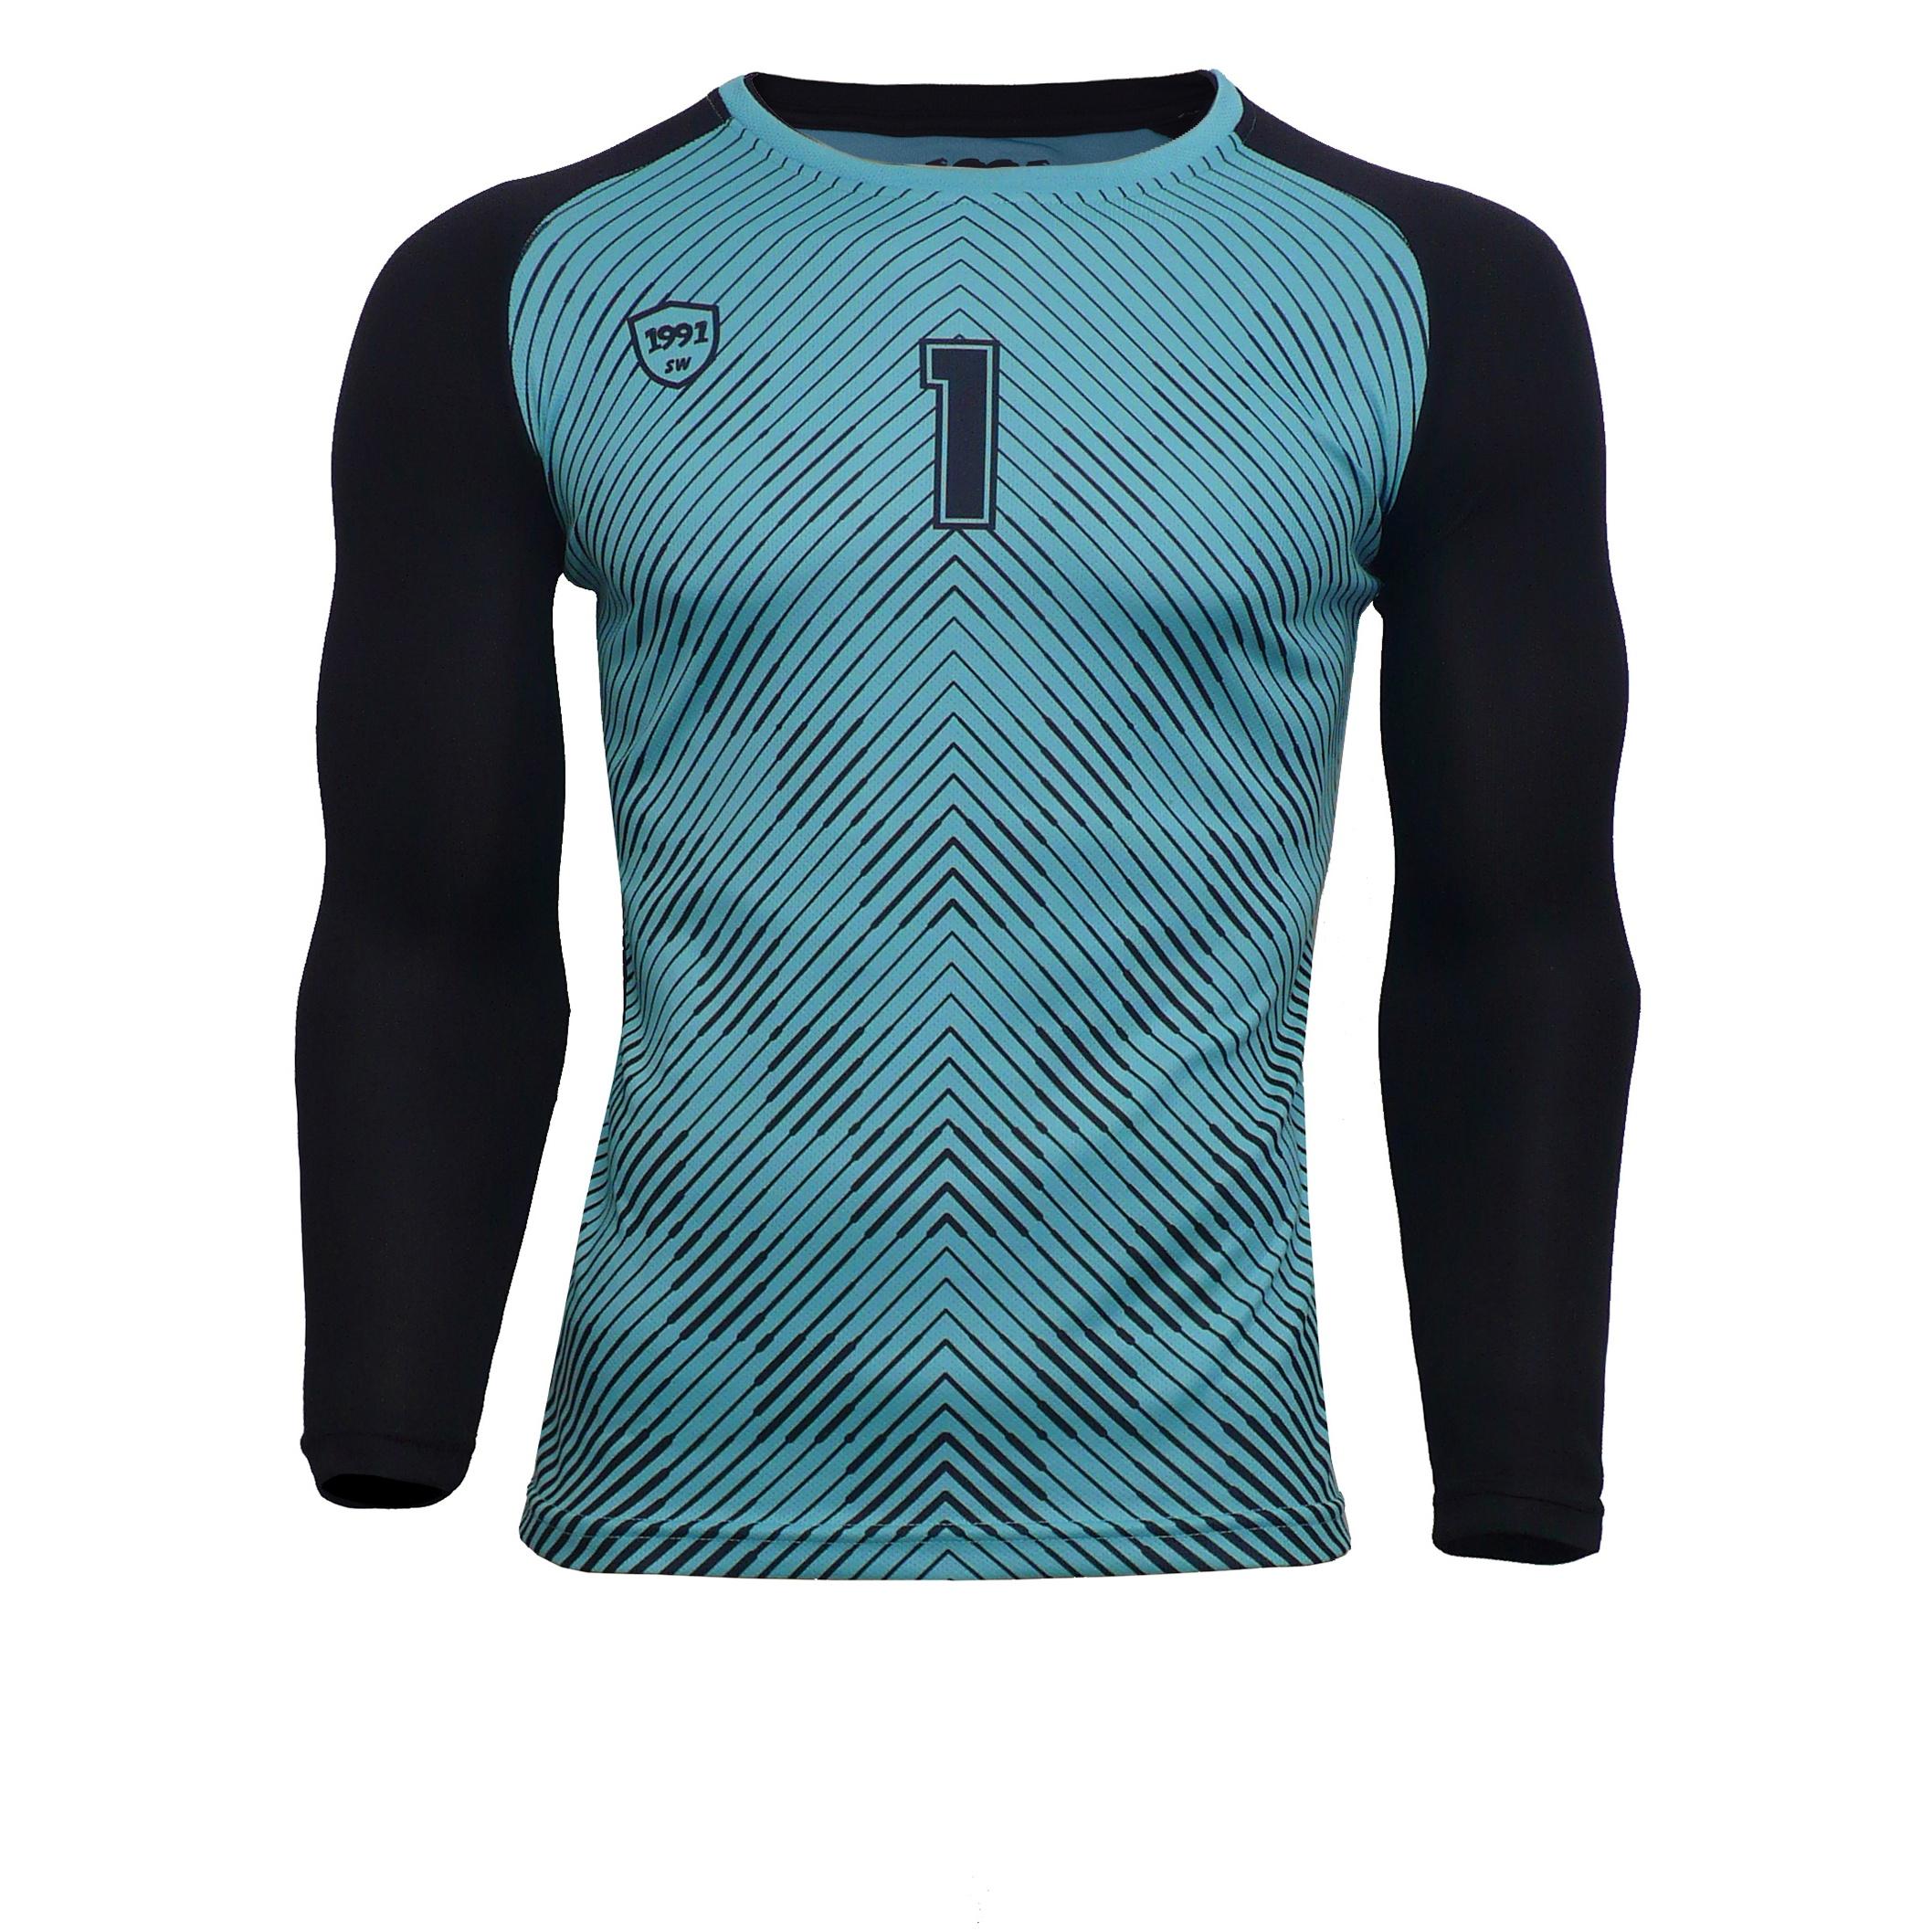 تی شرت ورزشی مردانه 1991 اس دبلیو مدل HOL Greenflash